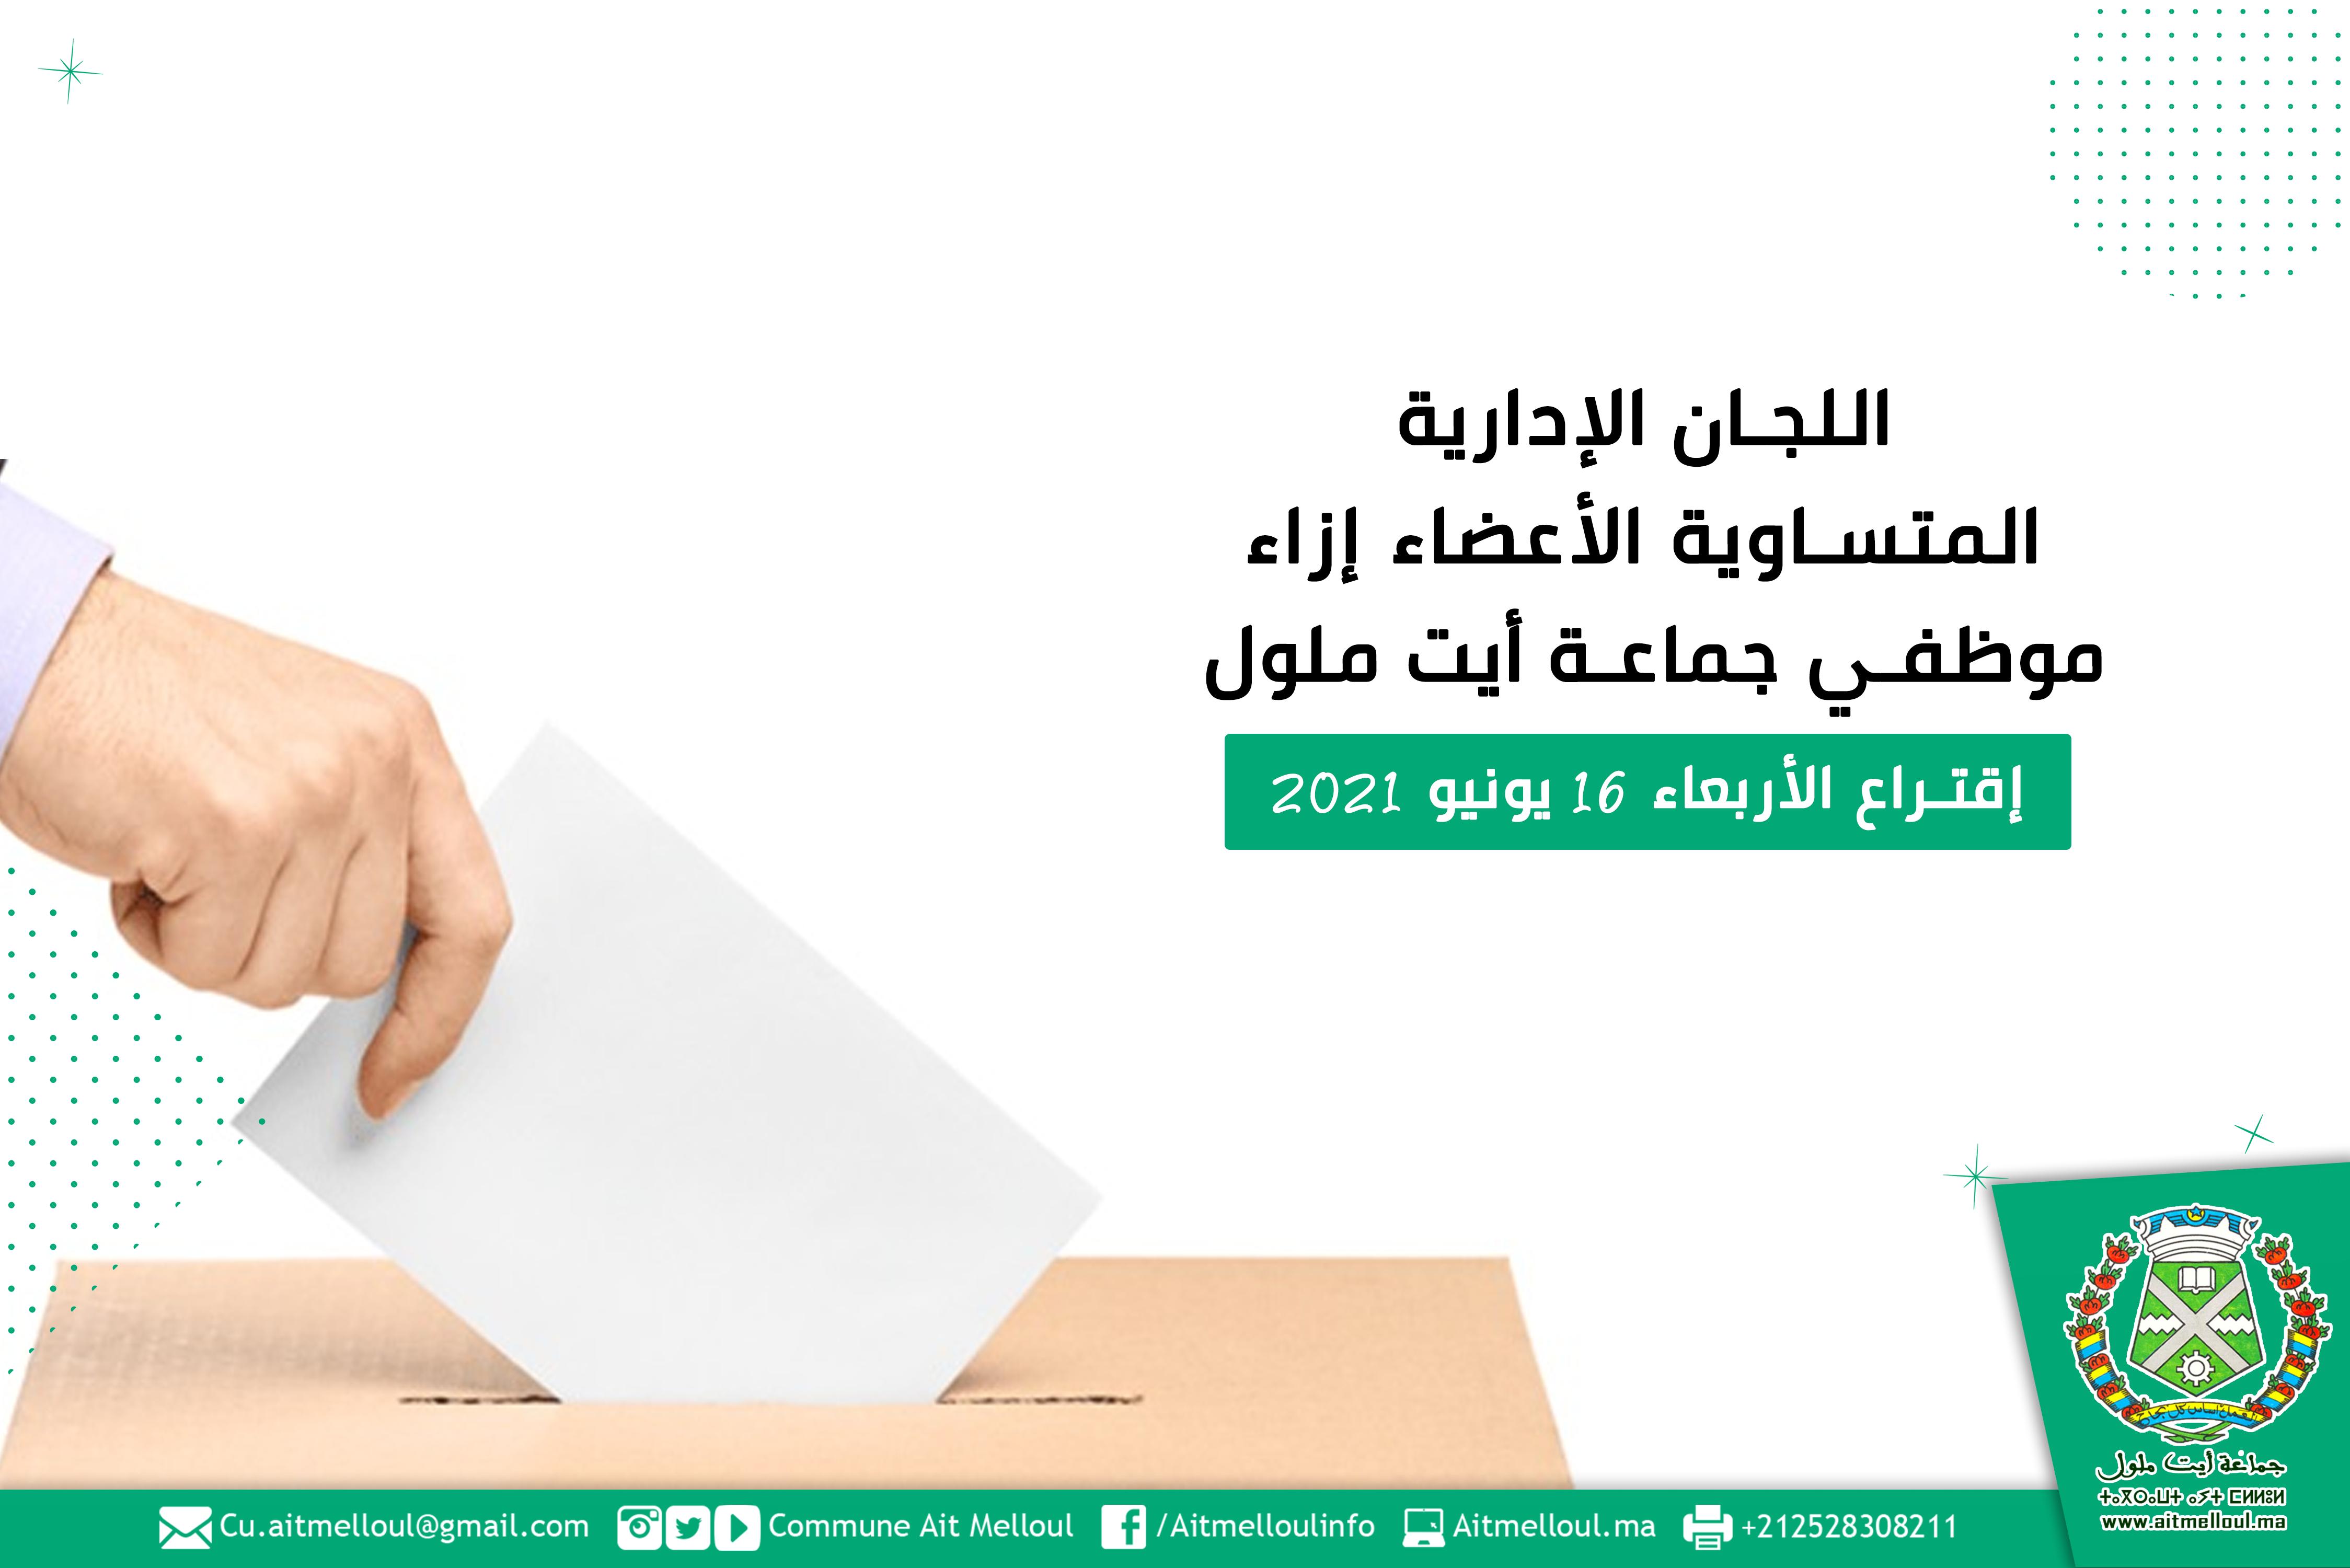 النتائج النهائية المتعلقة بانتخاب الموظفات والموظفين في حظيرة اللجان الإدارية المتساوية الأعضاء المختصة إزاء موظفي جماعة أيت ملول - إقتراع 16 يونيو 2021